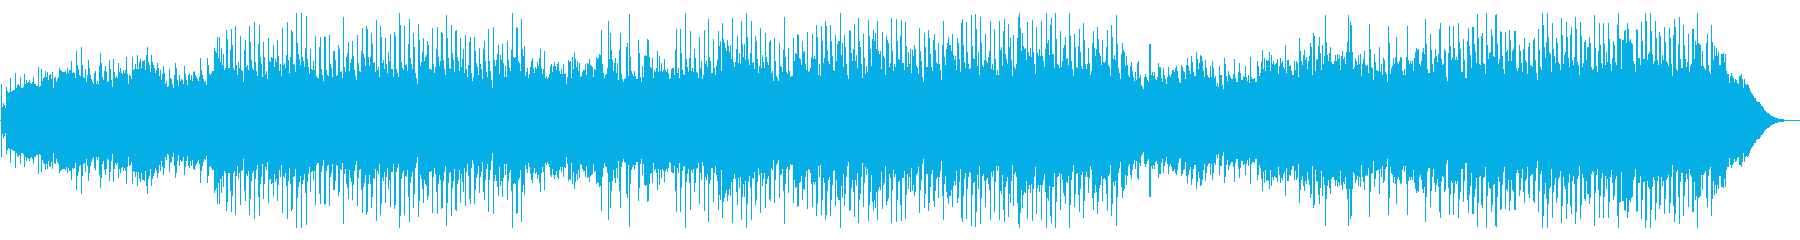 壮大ポップオーケストラの再生済みの波形